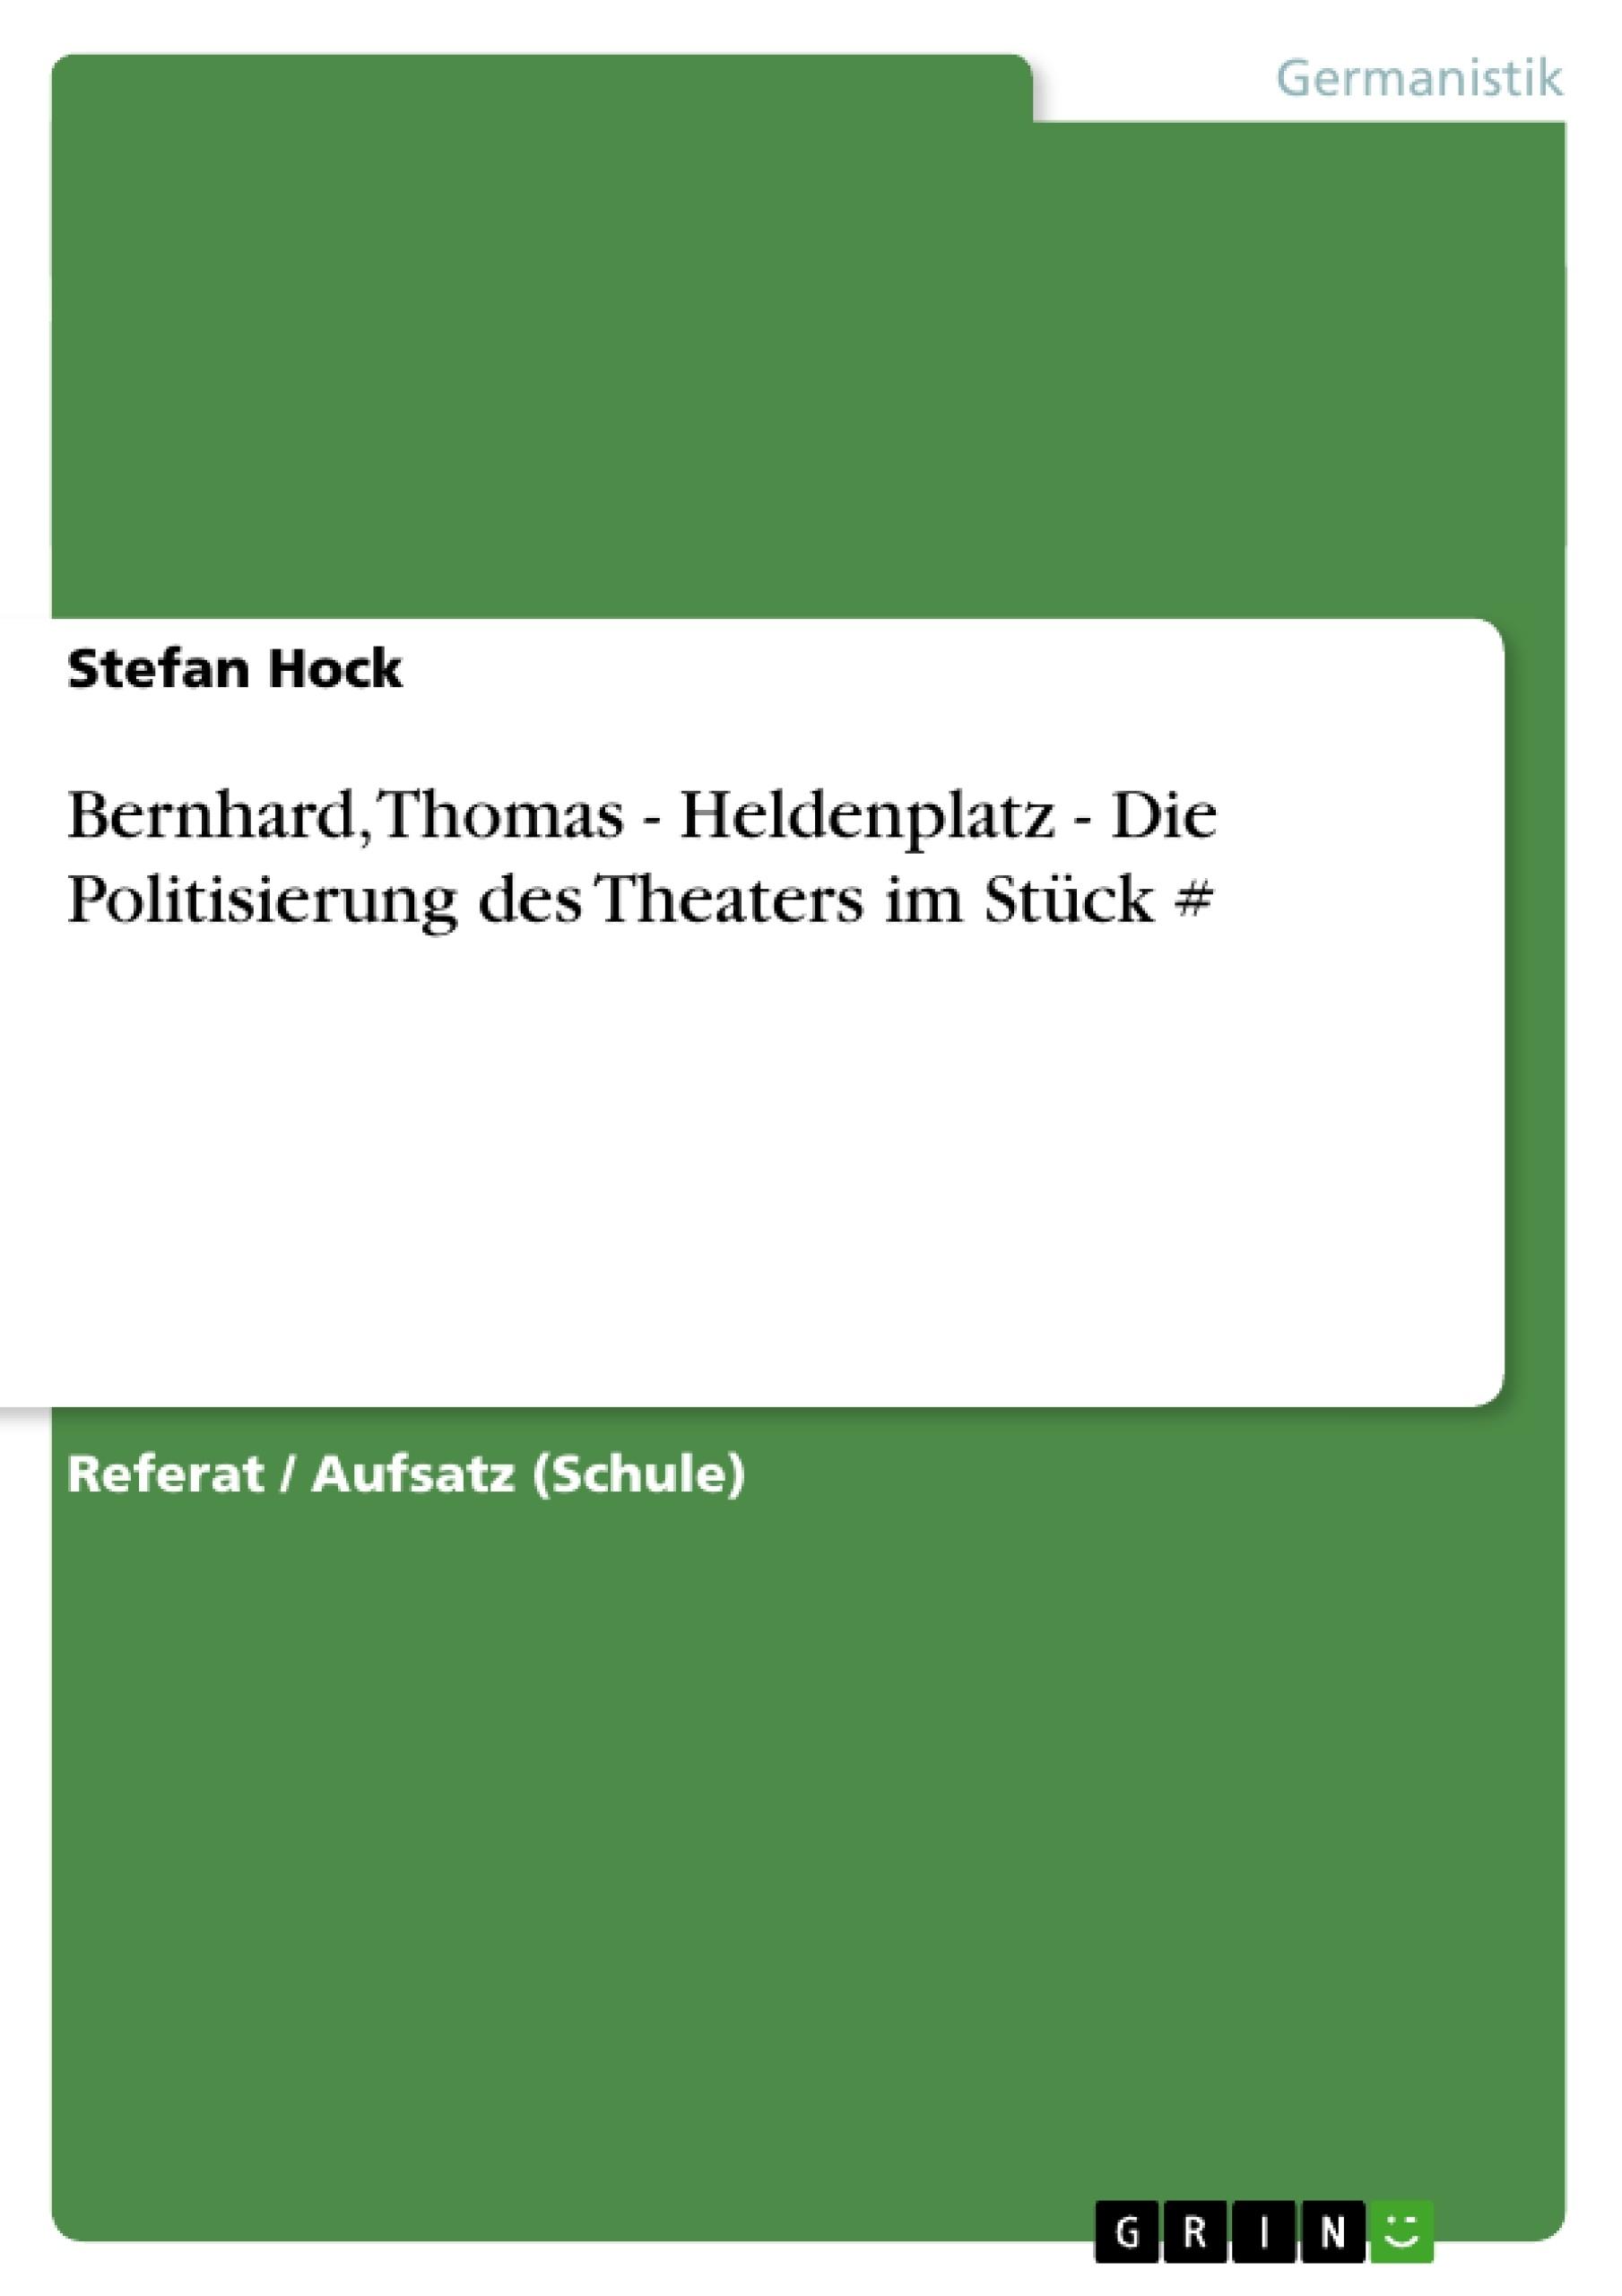 Titel: Bernhard, Thomas - Heldenplatz - Die Politisierung des Theaters im Stück  #